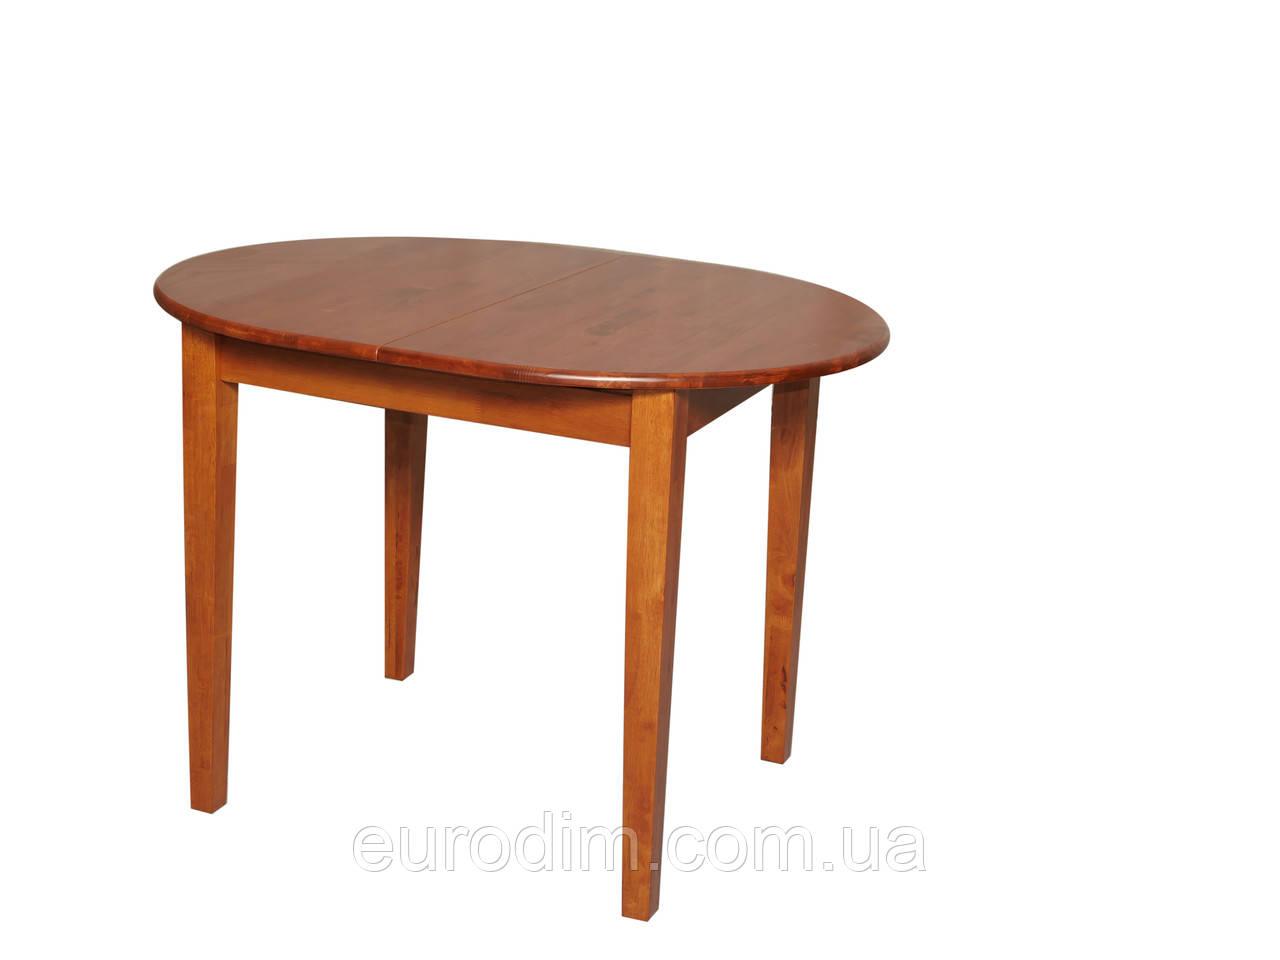 Стол обеденный EXT 3242 W4  орех античный